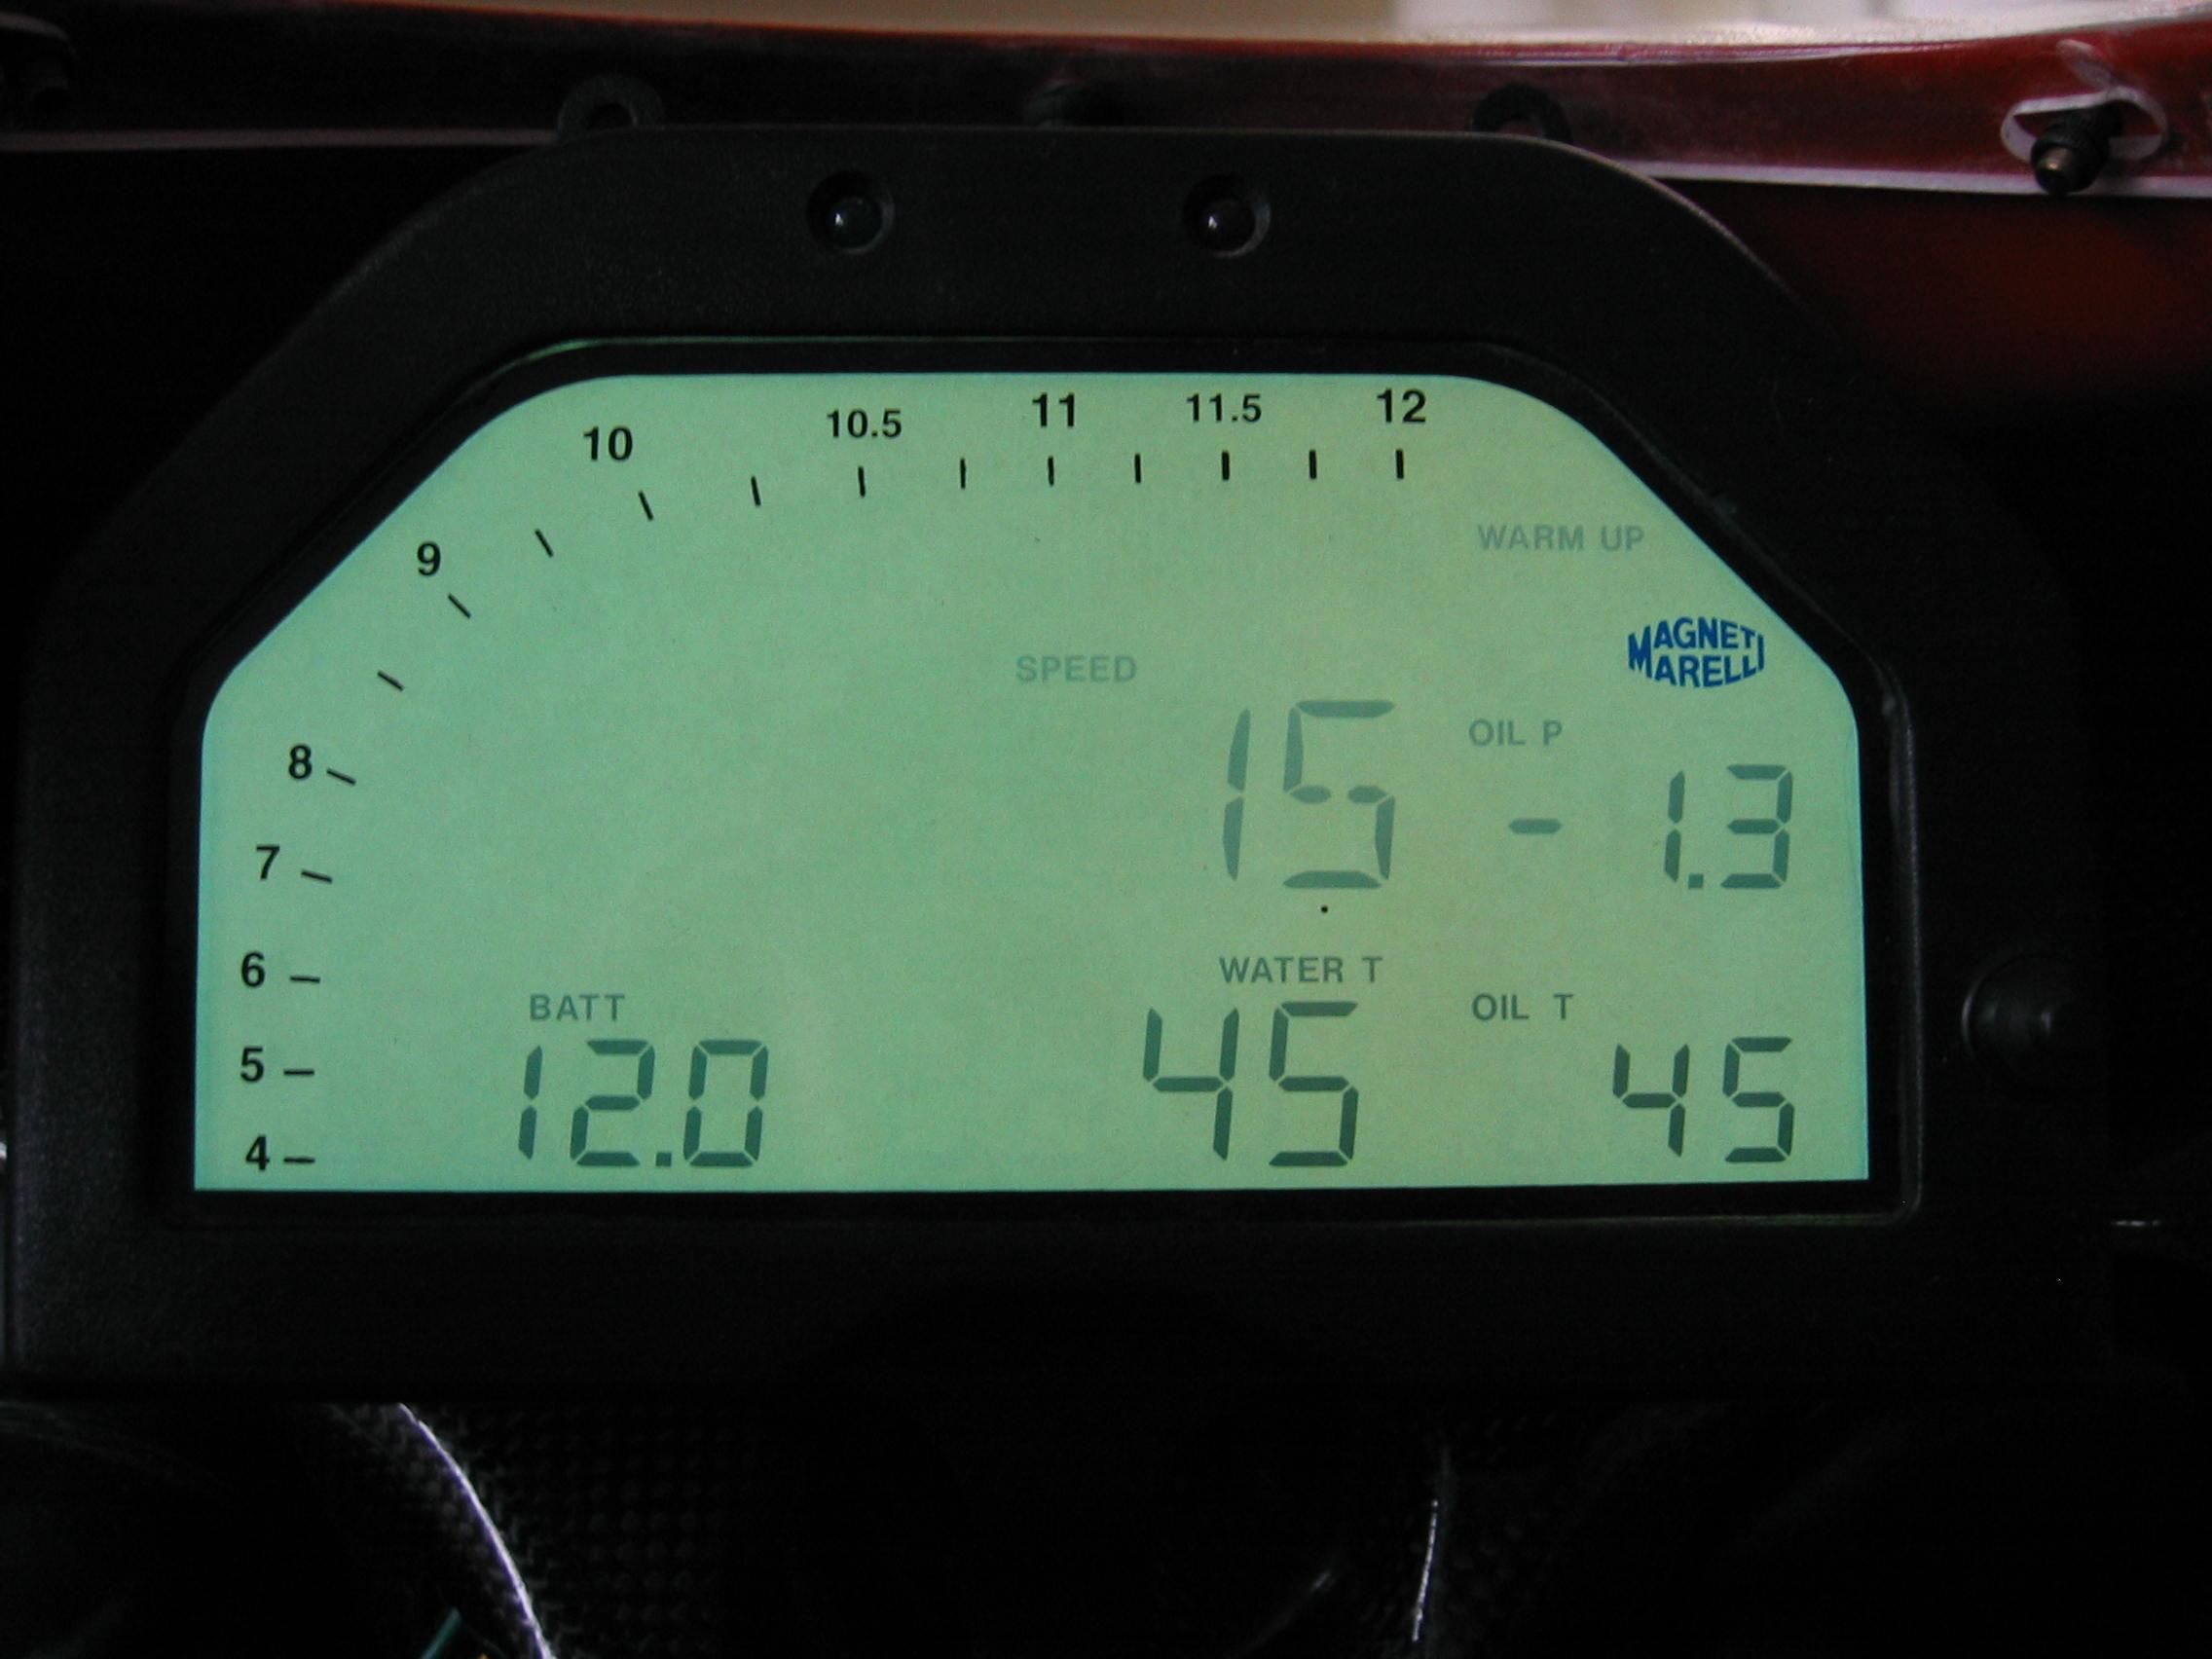 Fs Magneti Marelli Mt940 B1 Dash Ducati Ms The